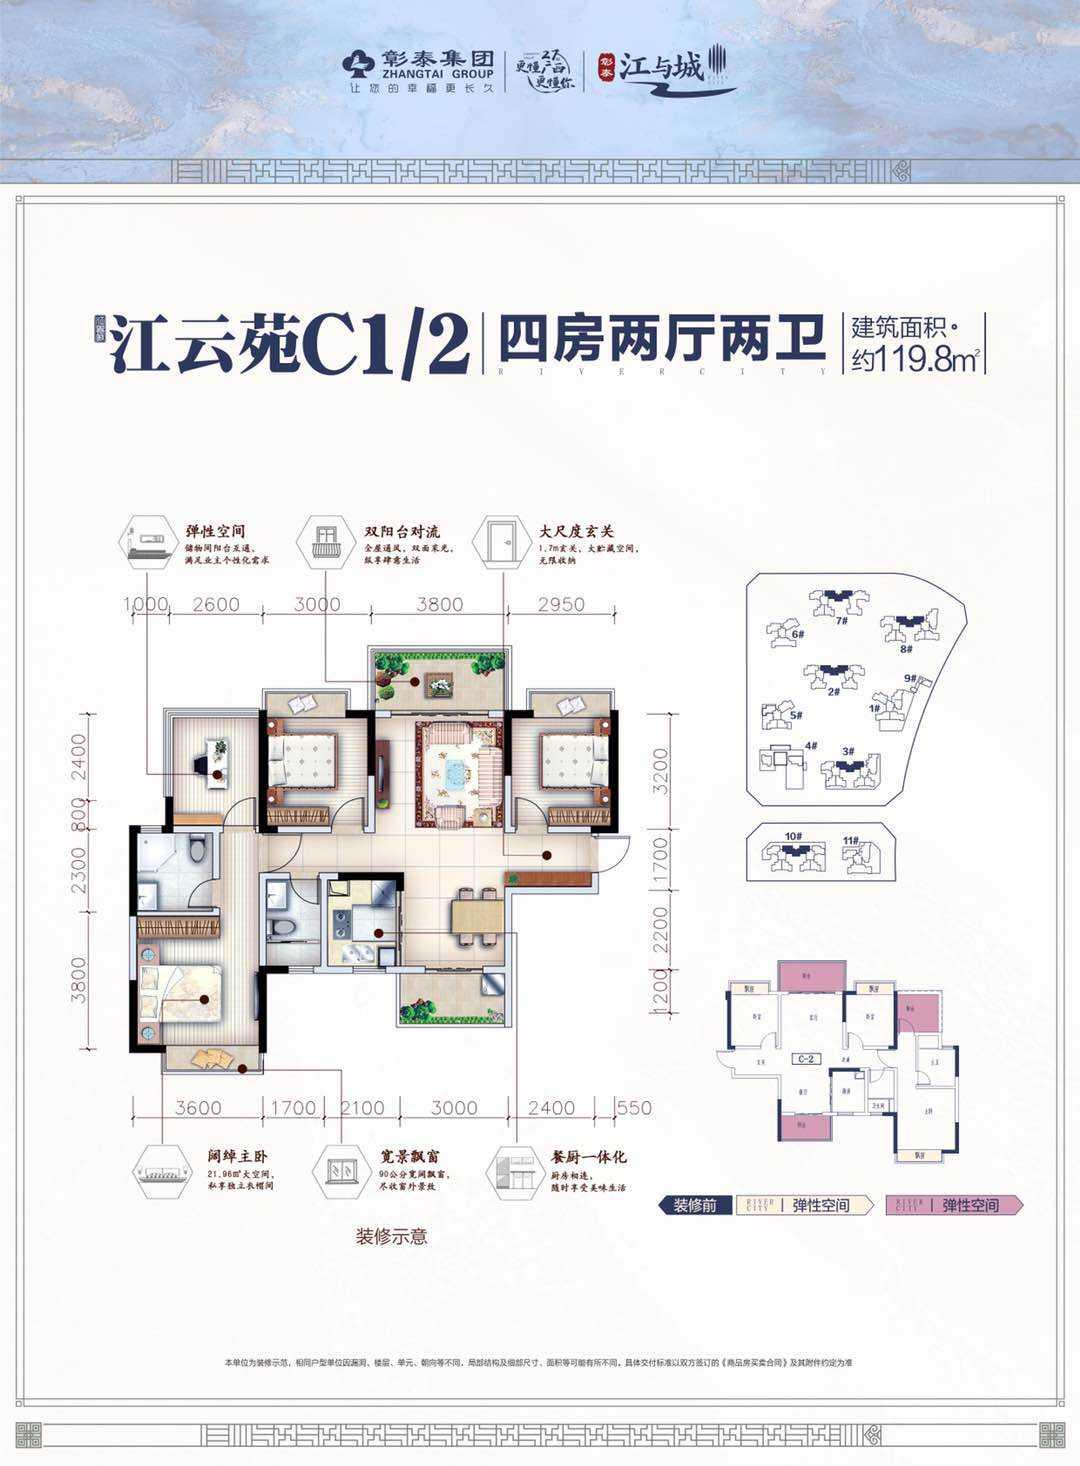 江云苑C1/2四房两厅两卫